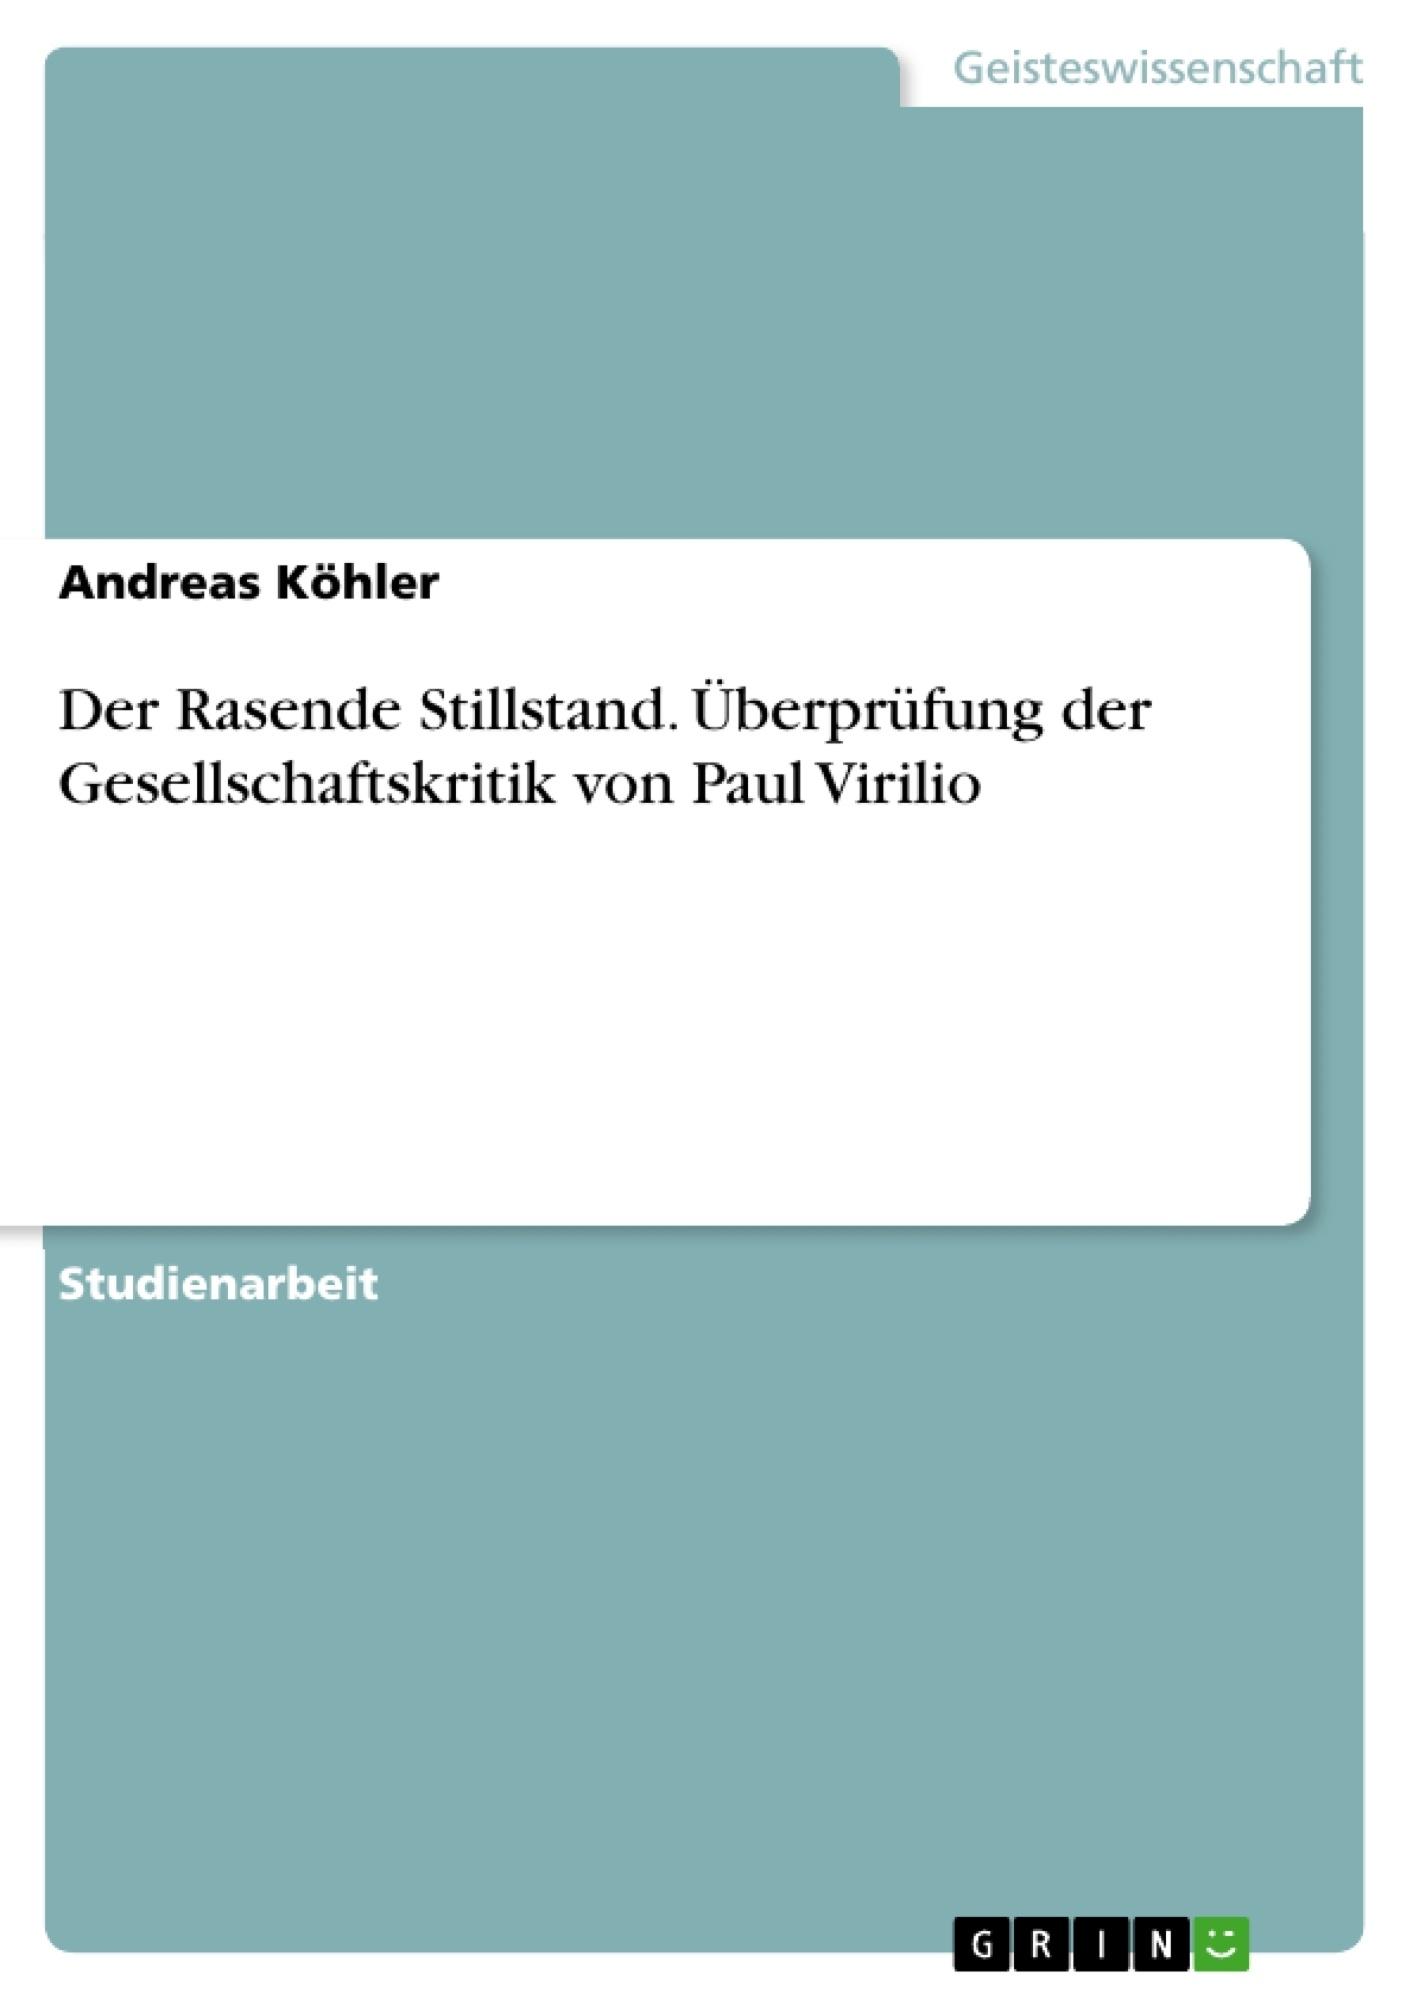 Titel: Der Rasende Stillstand. Überprüfung der Gesellschaftskritik von Paul Virilio